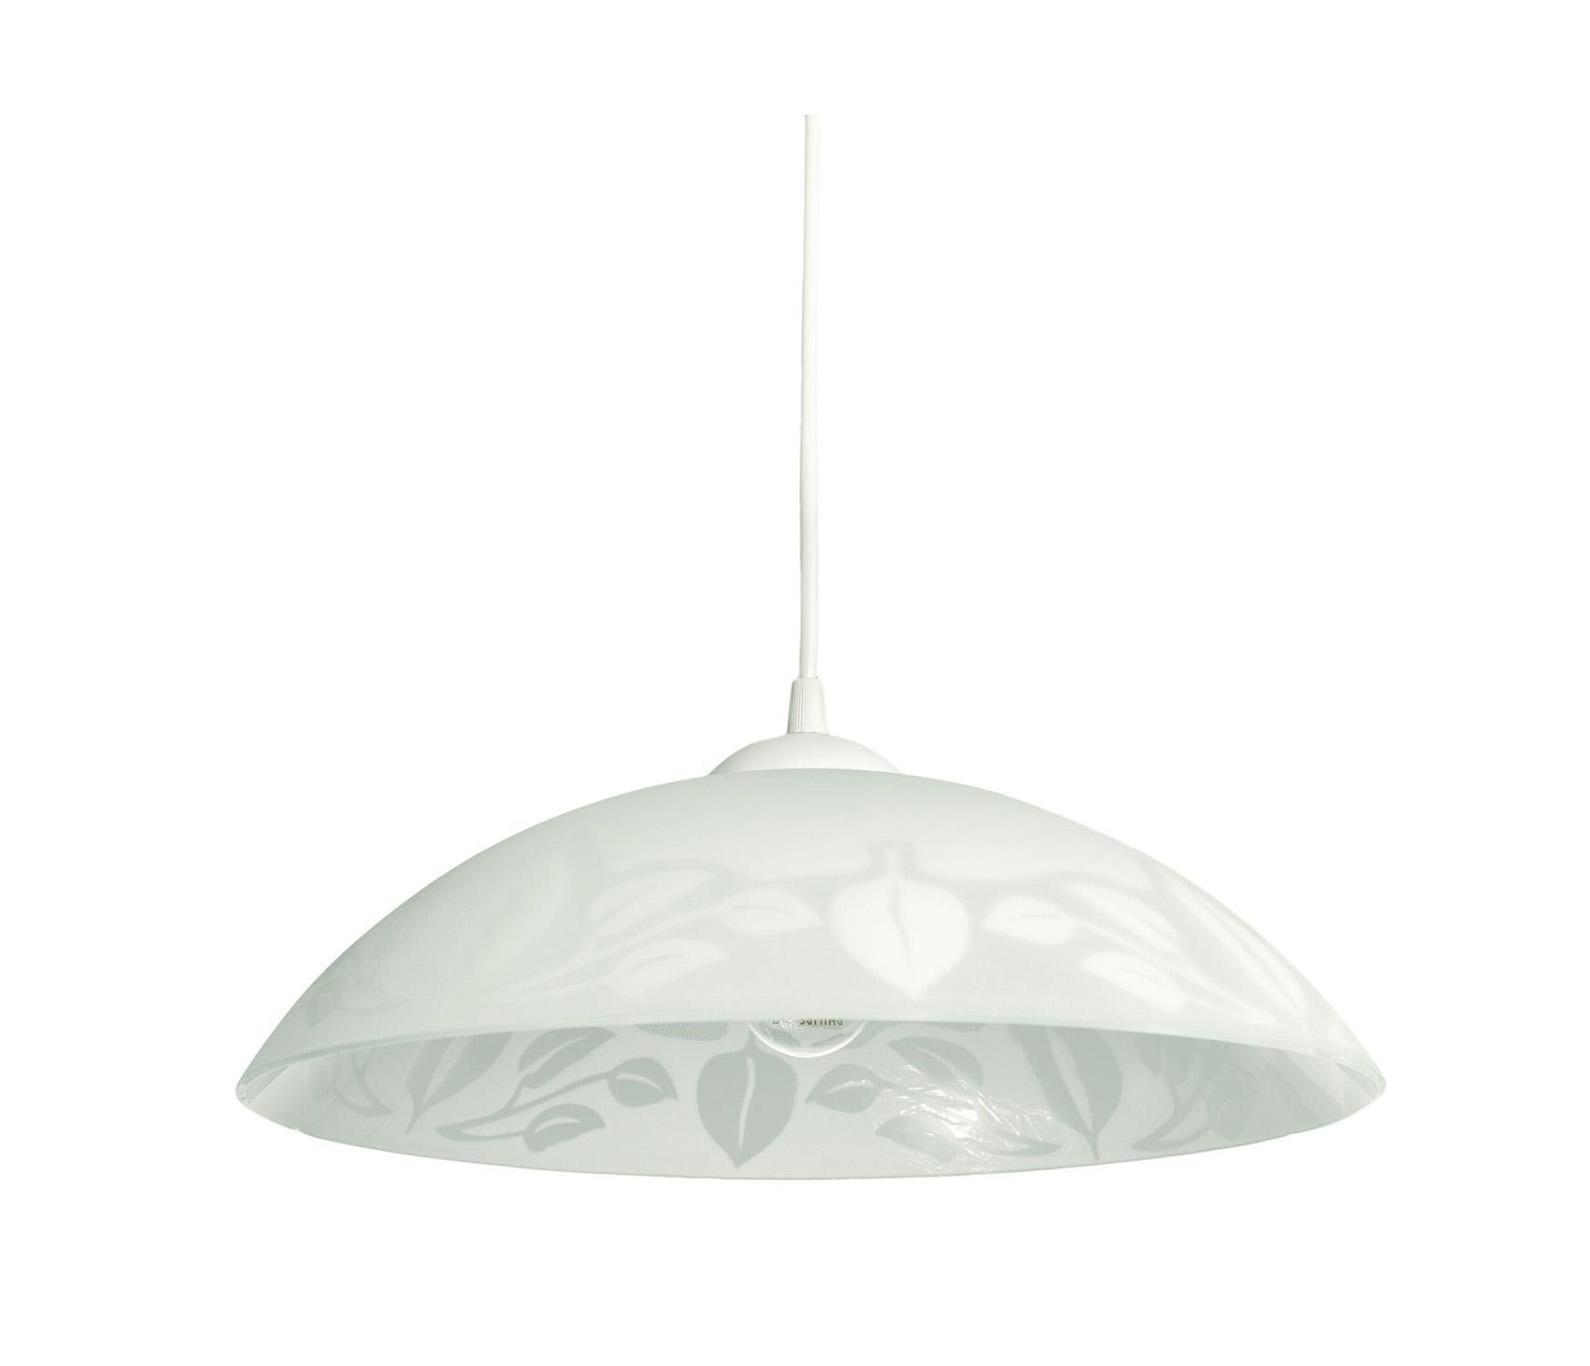 Светильник подвесной Arte lamp A4020sp-1wh